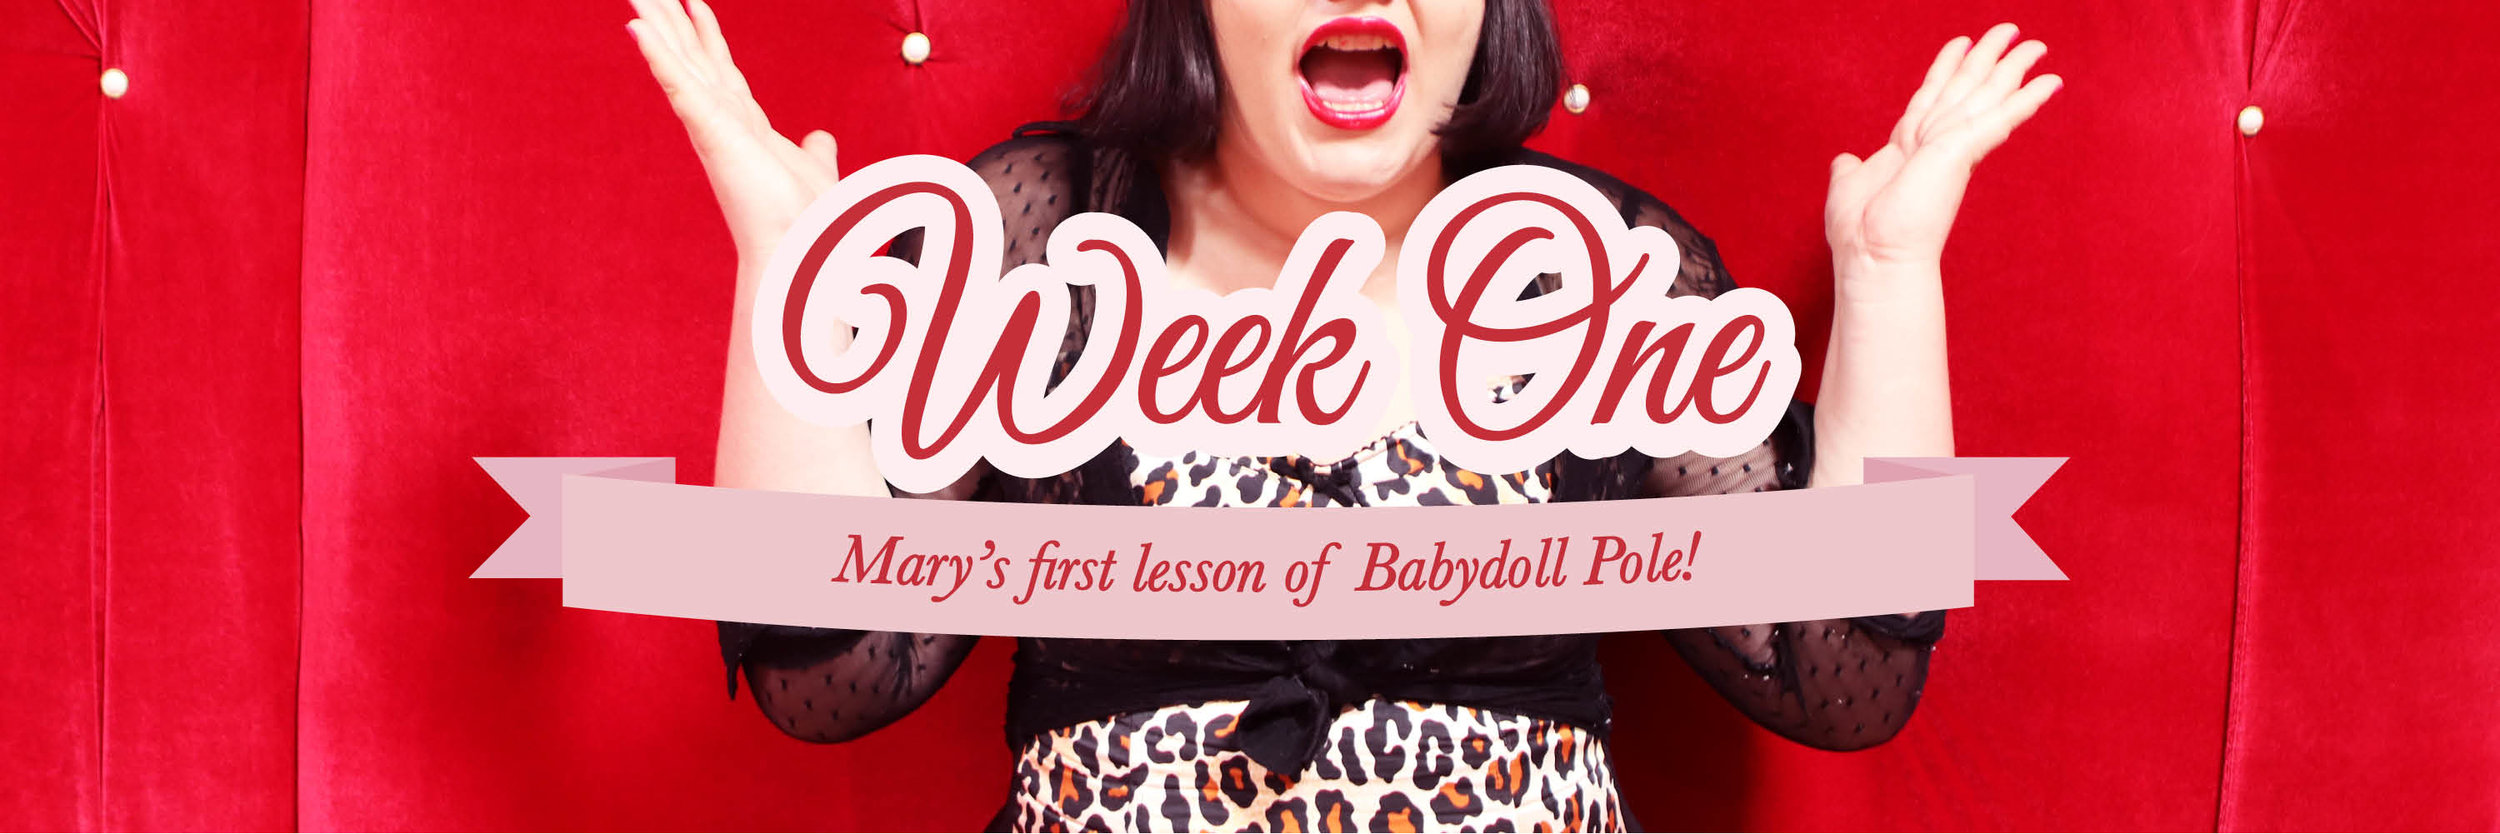 Week-1-banner.jpg